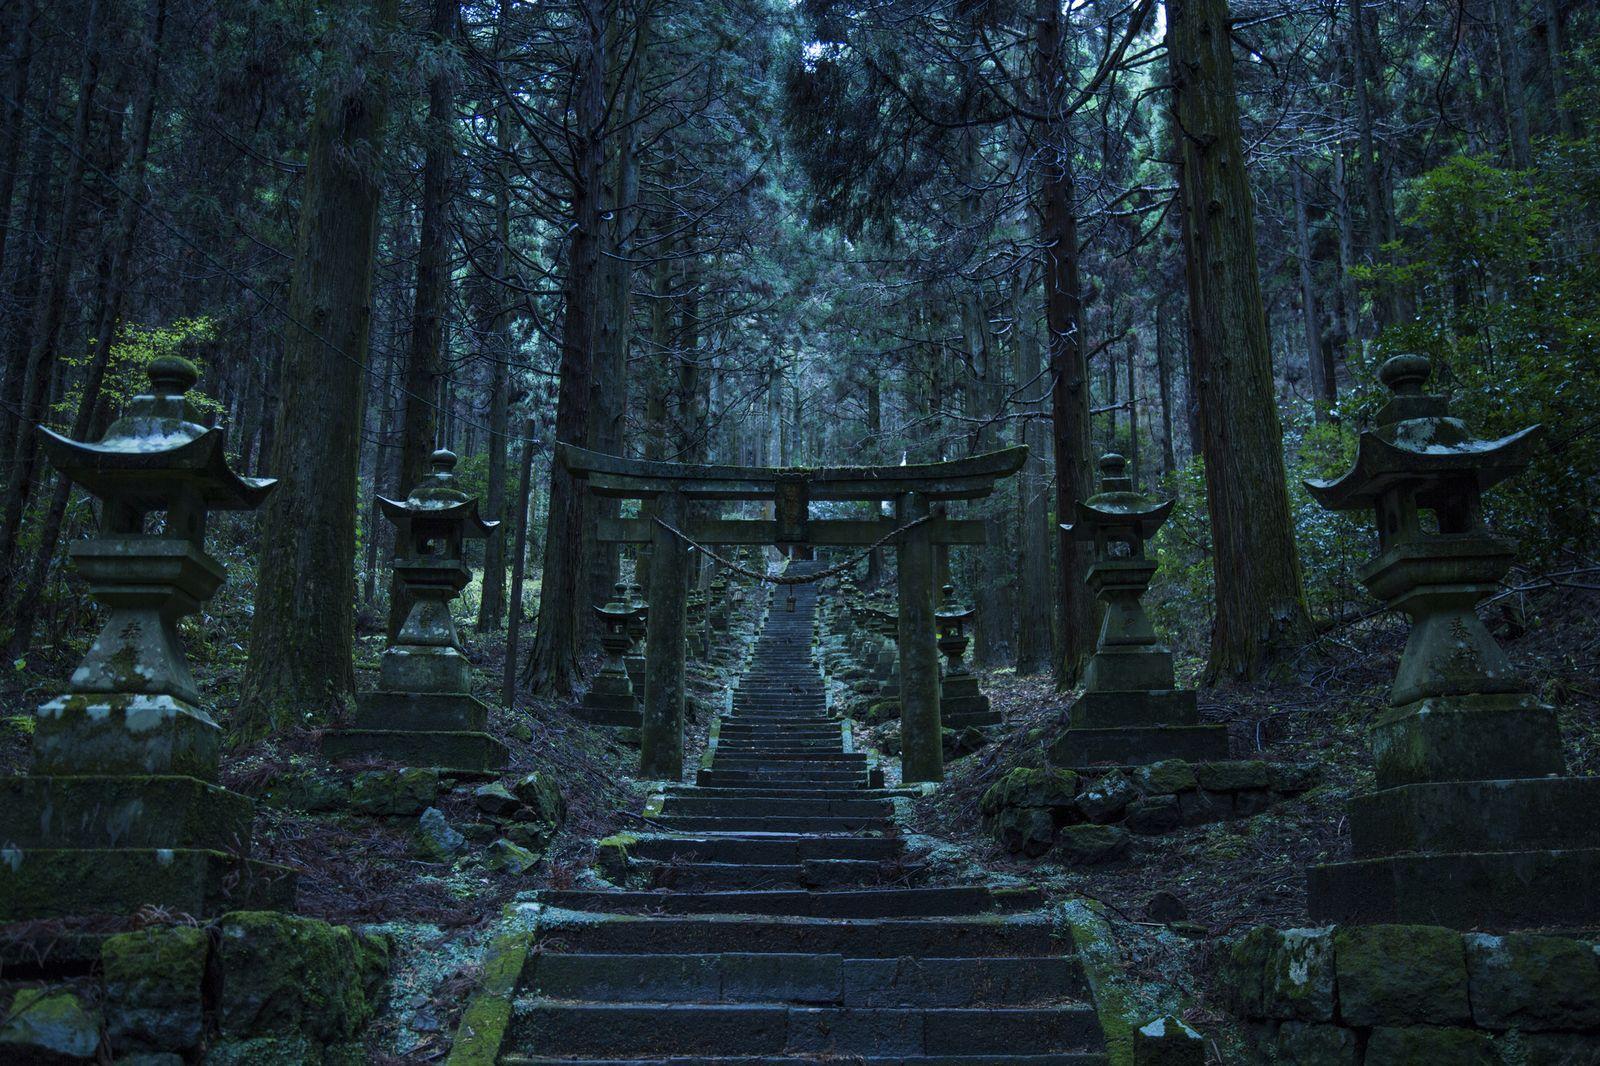 身震いするほどの異空間。熊本の「上色見熊座神社」が神秘的すぎる                このまとめ記事の目次